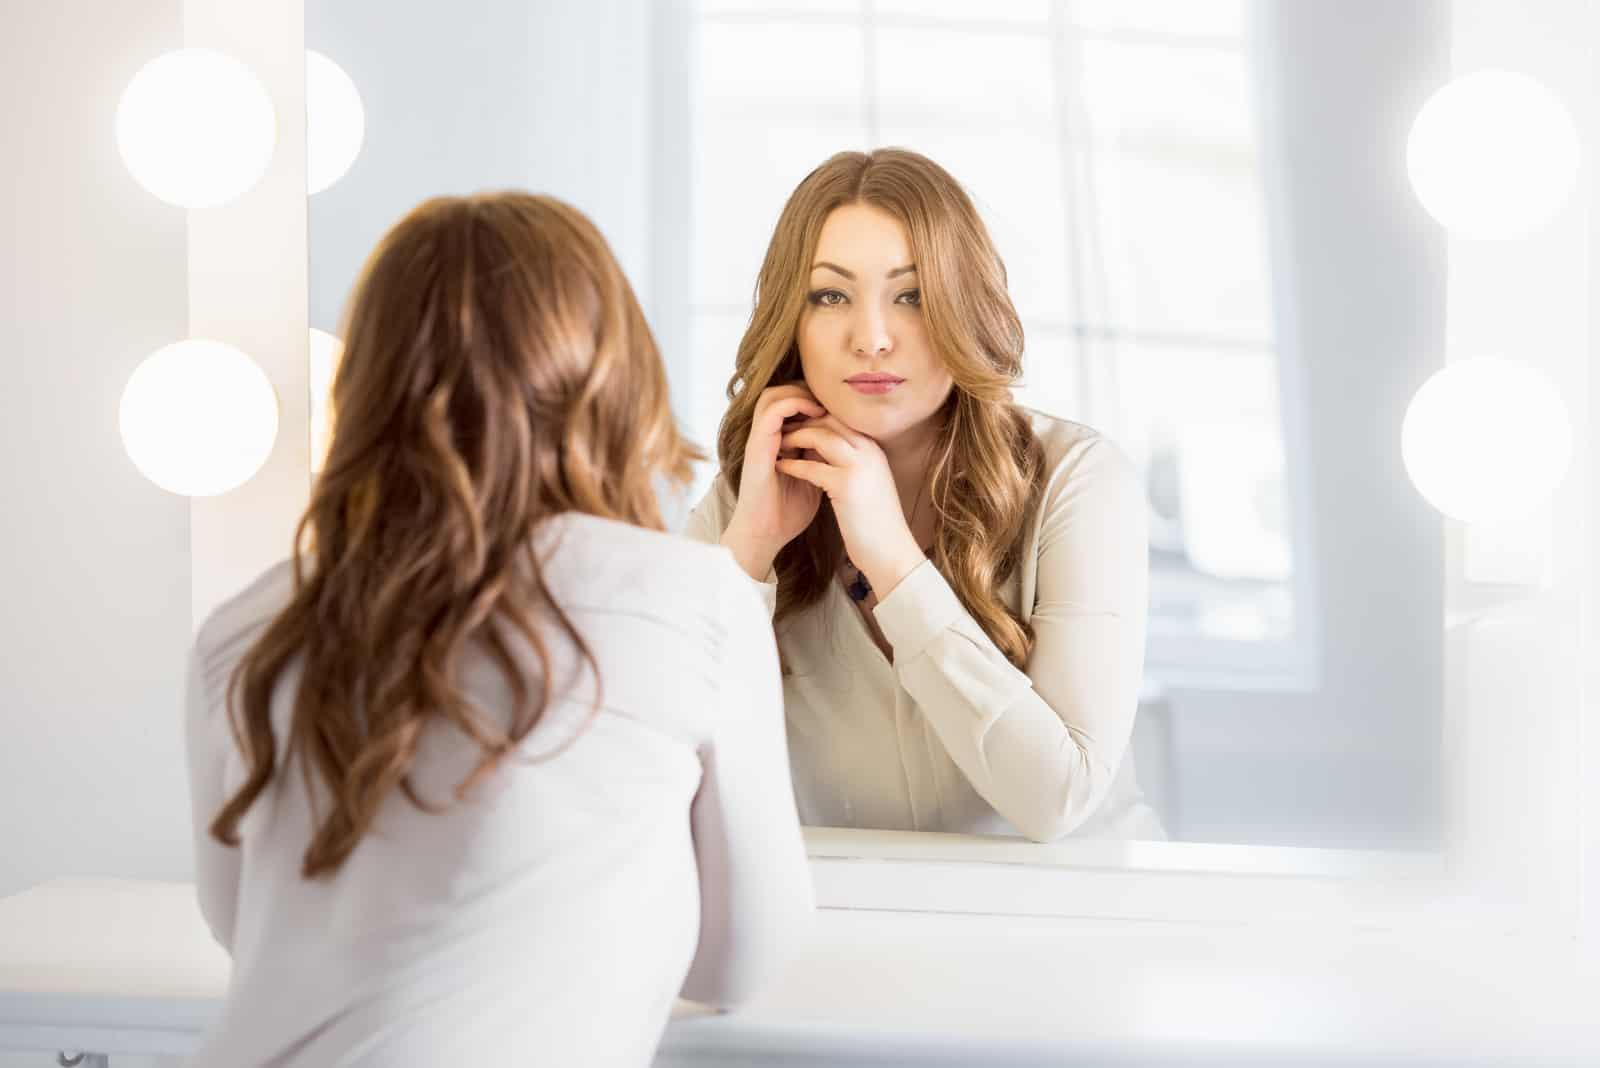 femme élégante aux cheveux bouclés regardant la réflexion dans le miroir